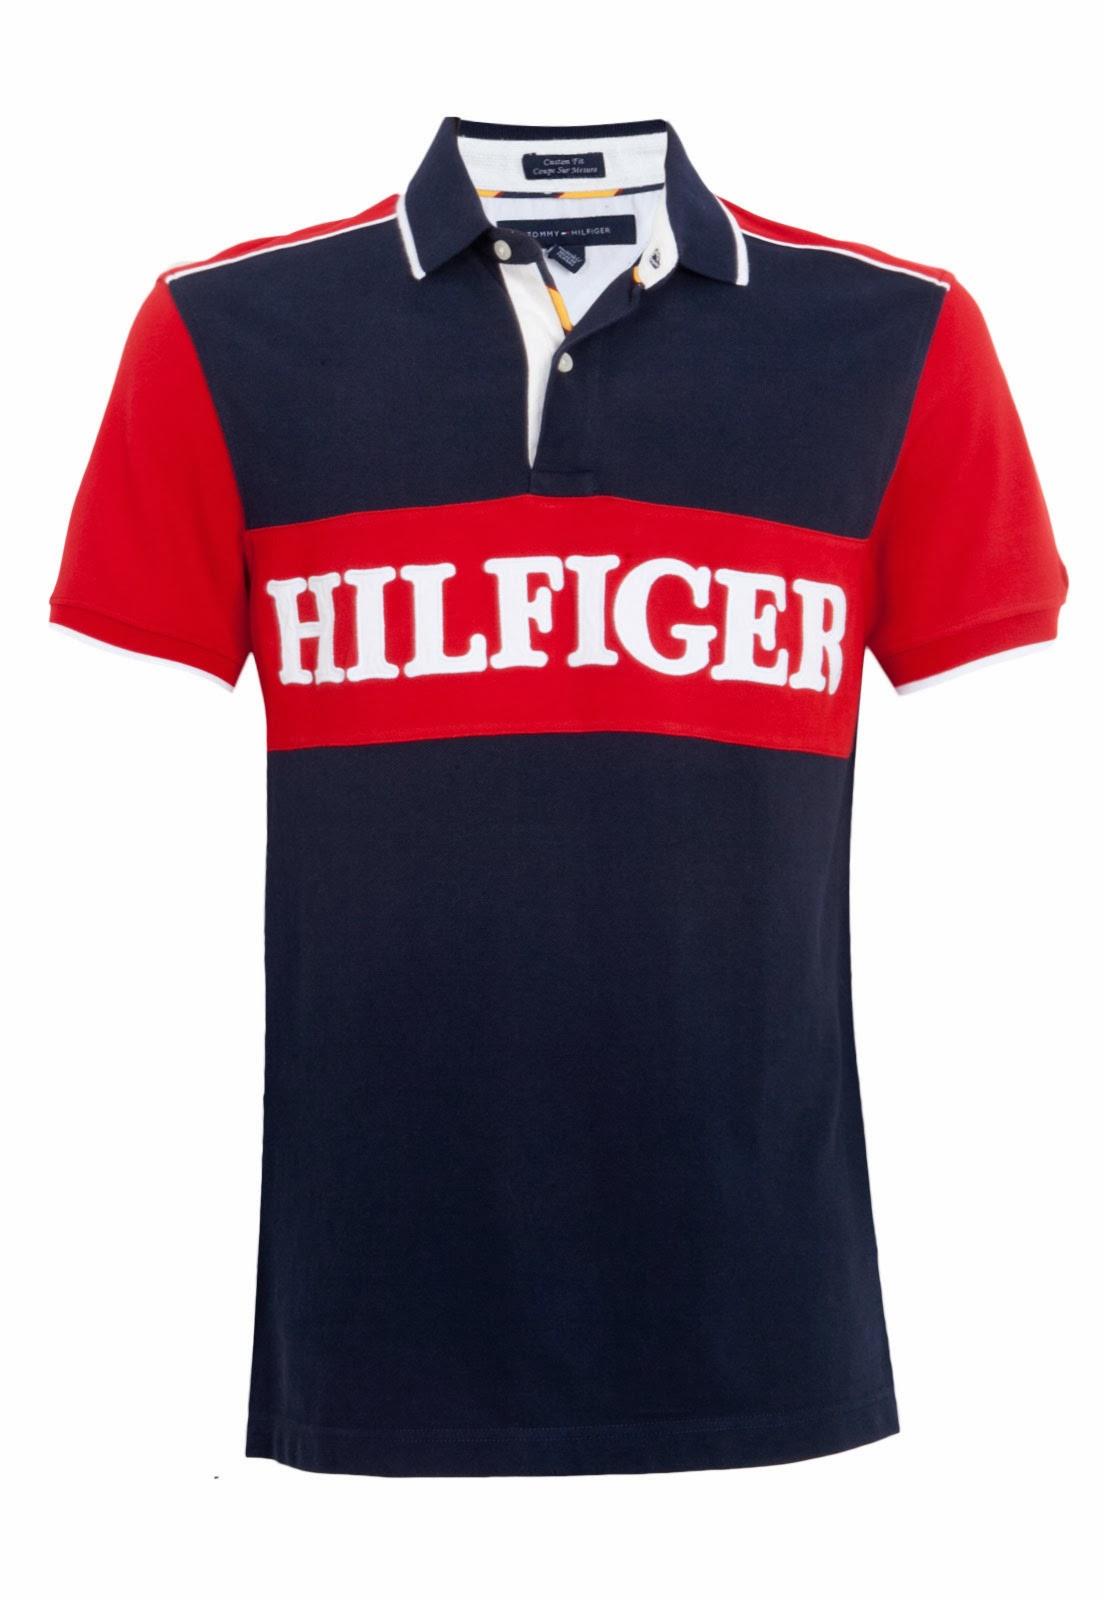 http   www.dafiti.com.br Camisa-Polo-Tommy-Hilfiger-Bordada-Azul-1367483.html af 1294241758 utm source 1294241758 utm medium af utm content linkdireto a aid  ... ac3adcaf5a5f9